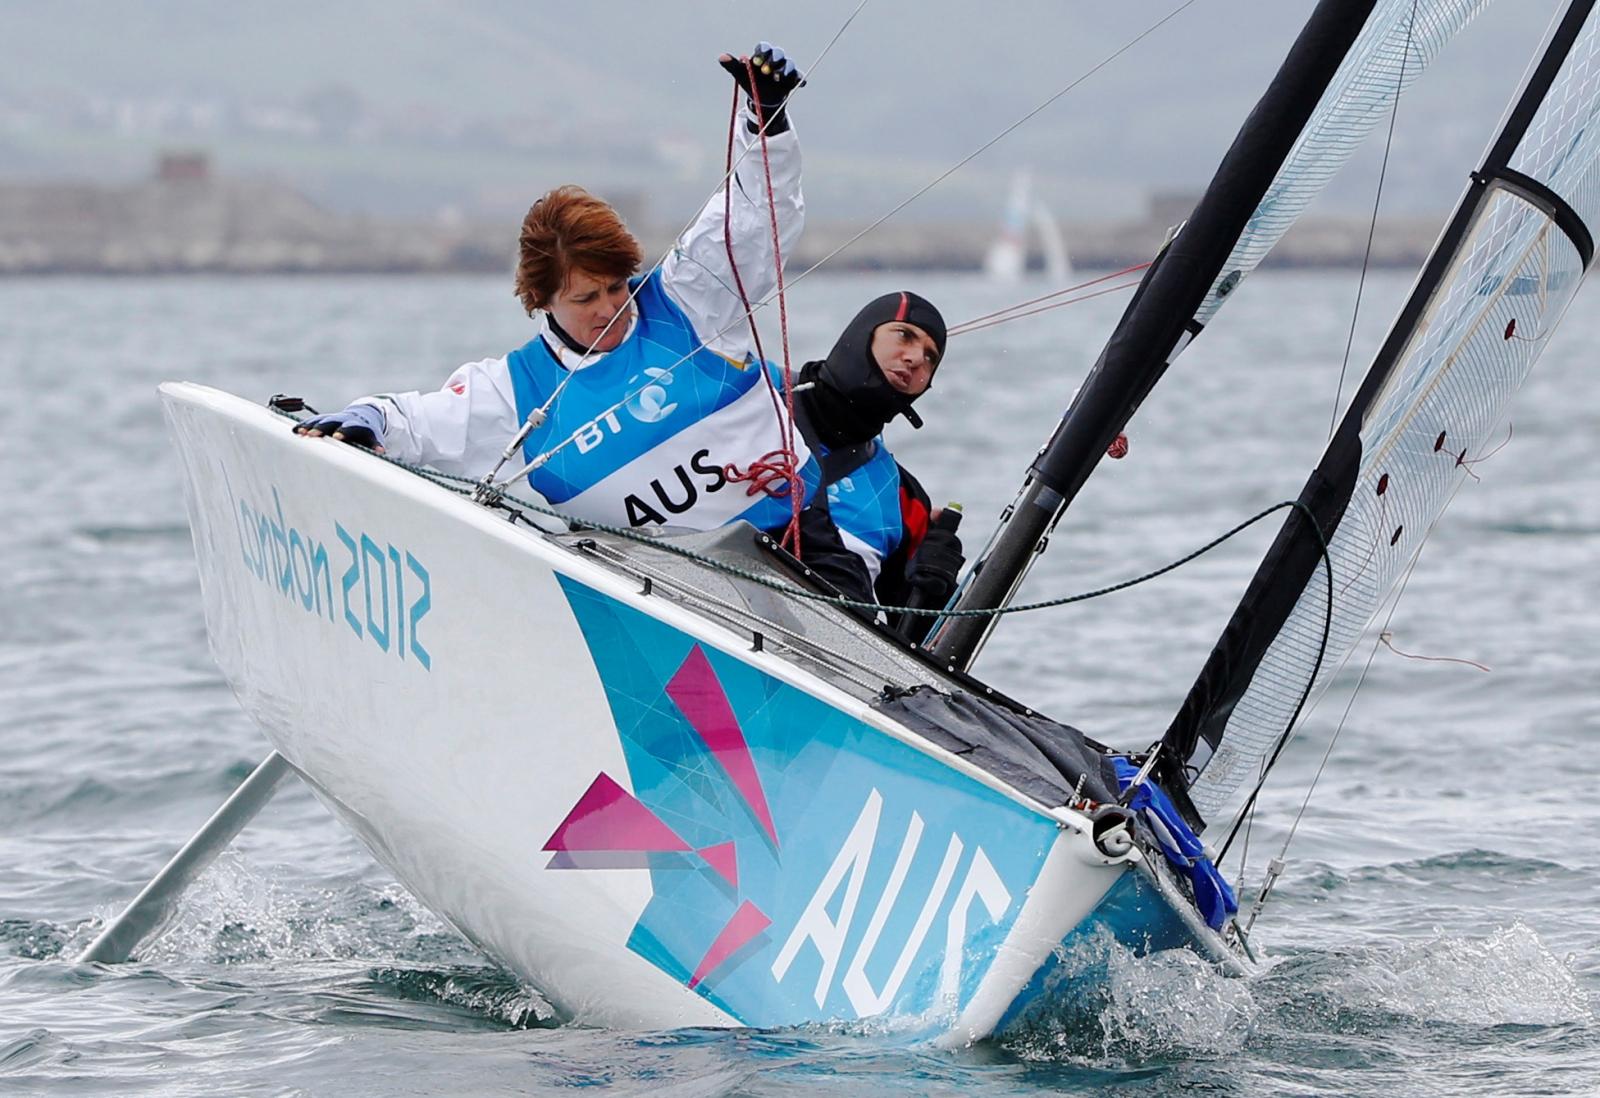 Australian Paralympic Sailor Liesl Tesch